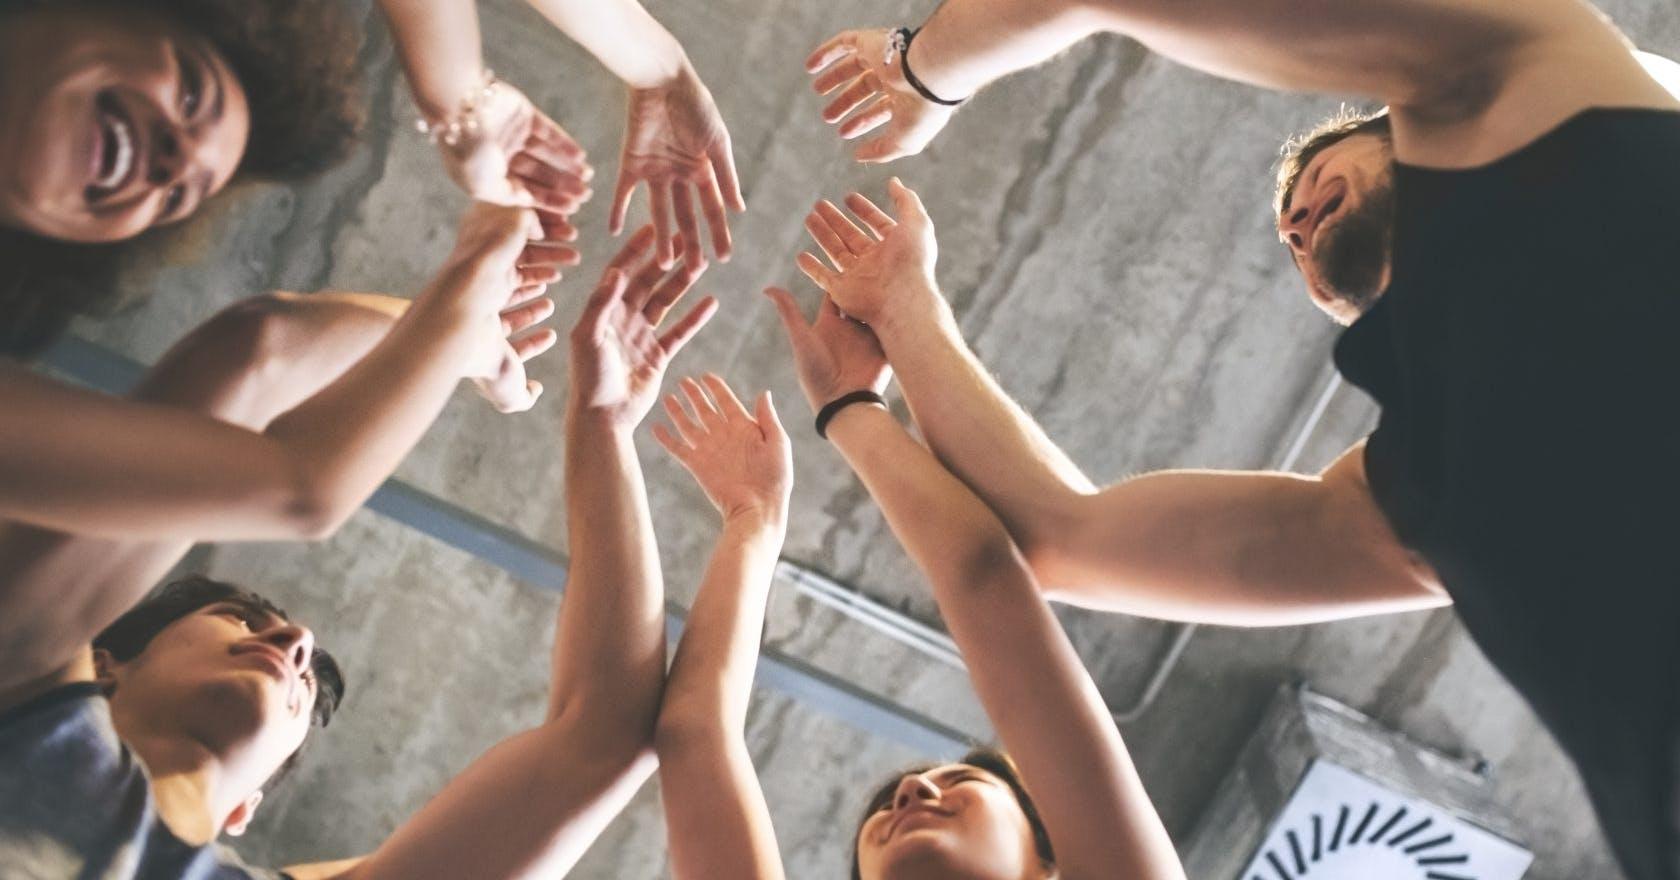 Κύρια φωτογραφία για το άρθρο: 5 Λόγοι να γίνετε μέλη σε fitness κοινότητες. Ή να τις δημιουργήσετε!